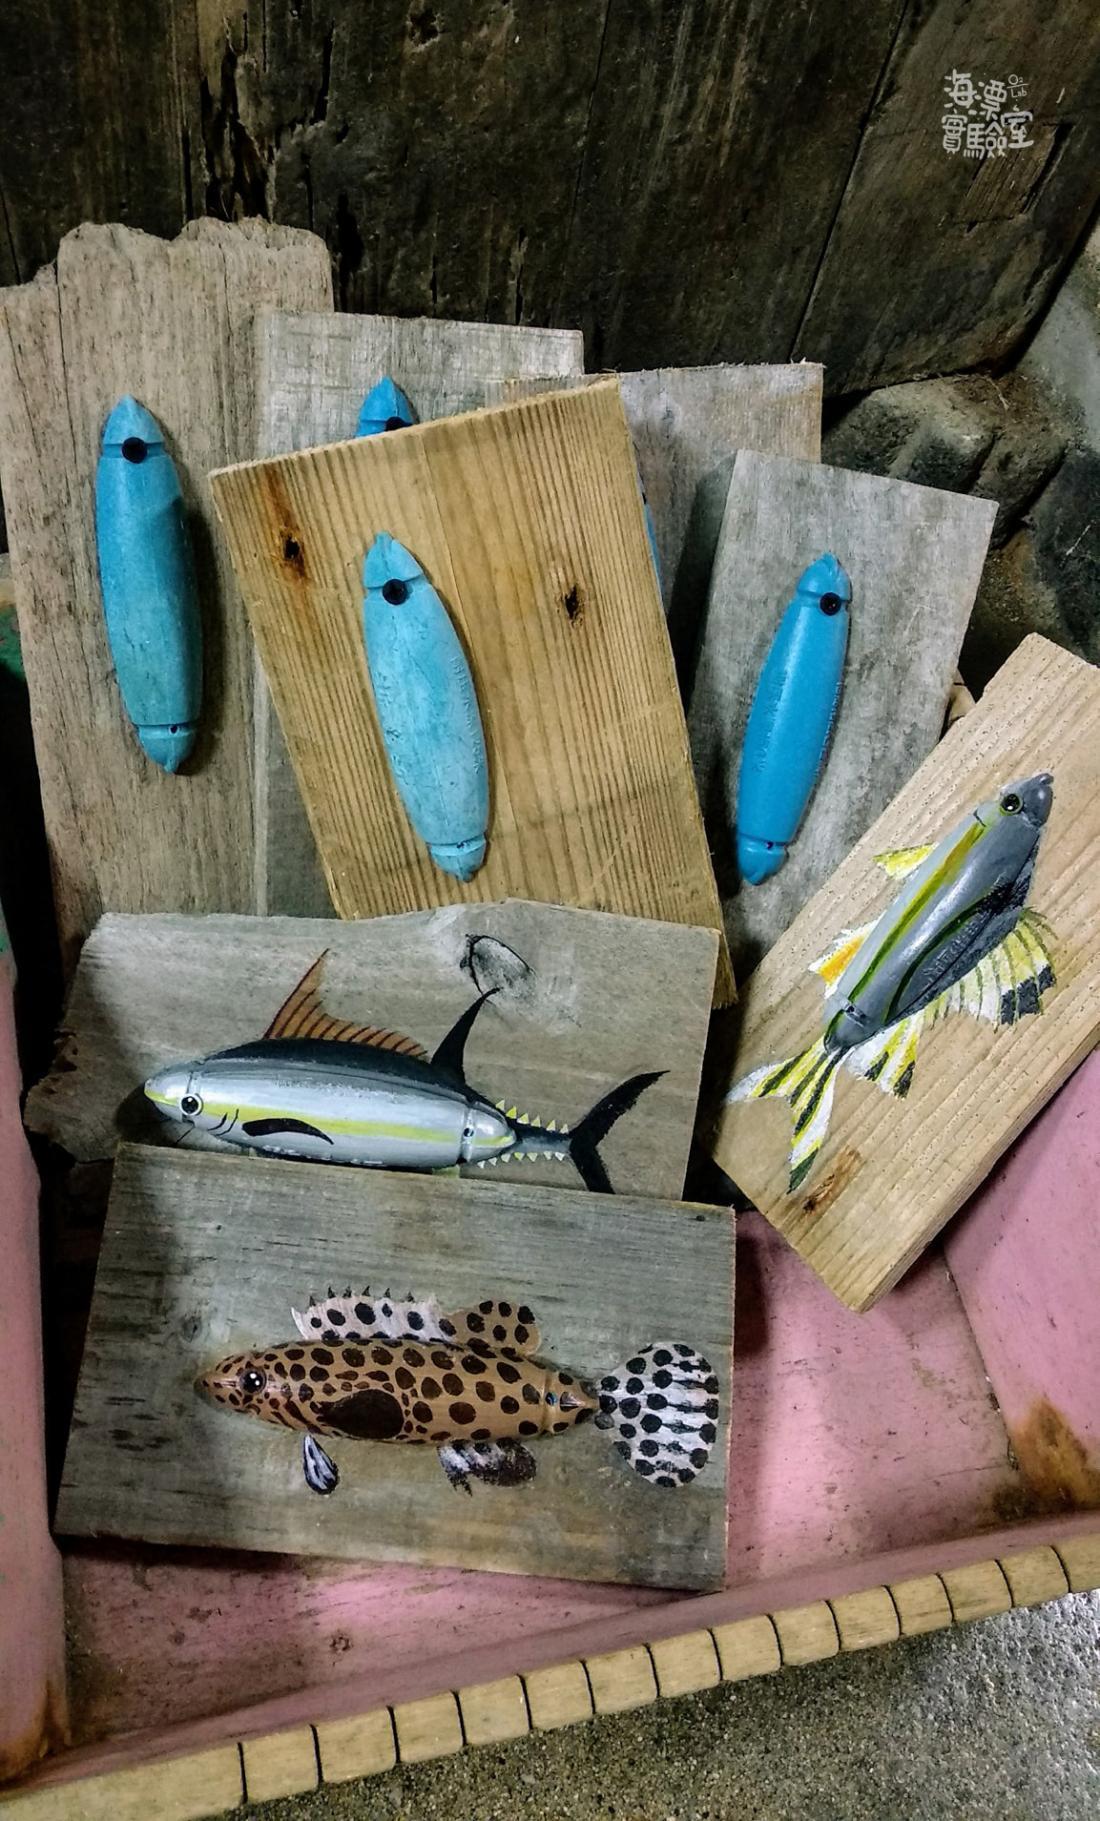 運用材料包素材,你也可以畫出自己的魚圖鑑